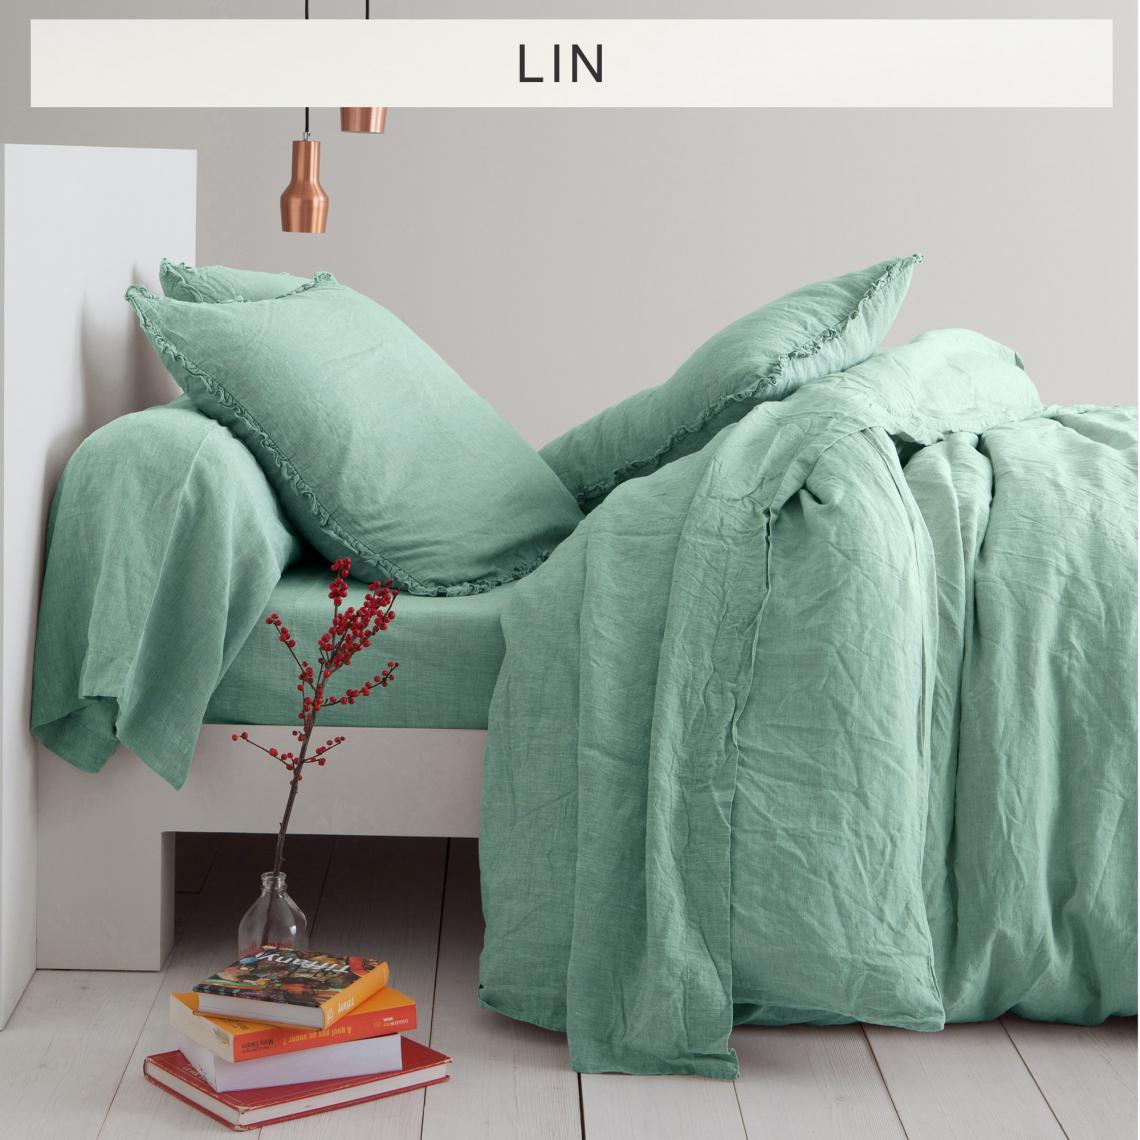 Housse De Couette Lin Lave Uni Vert D Eau 3suisses